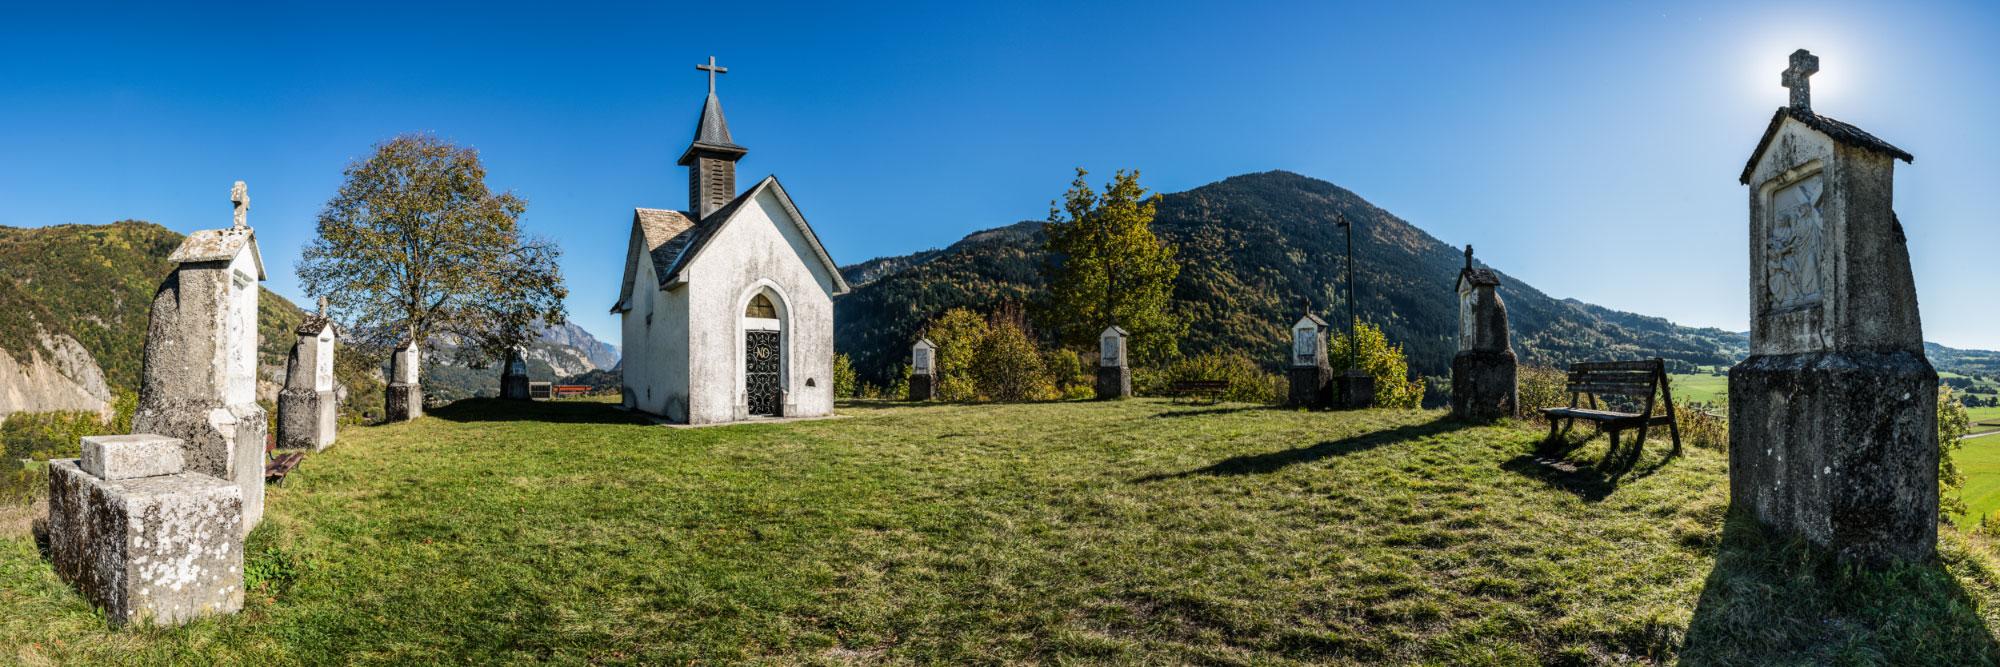 Chapelle du Calvaire, La Tour